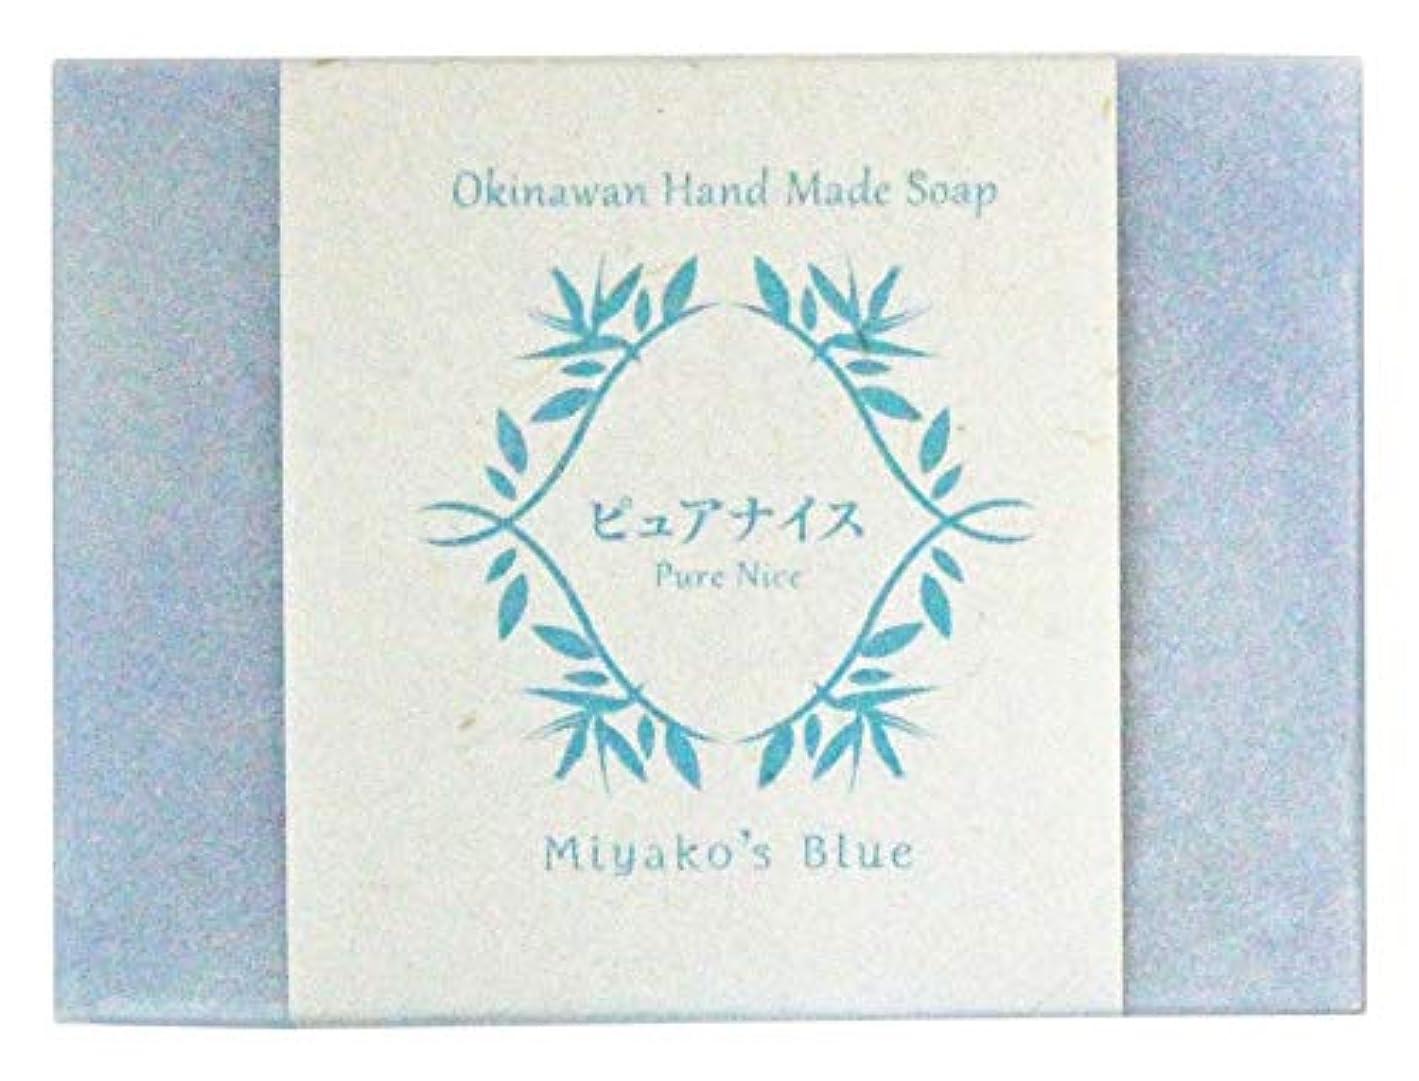 祖先質量けん引ピュアナイス おきなわ素材石けん Miyako's Blue 100g 3個セット